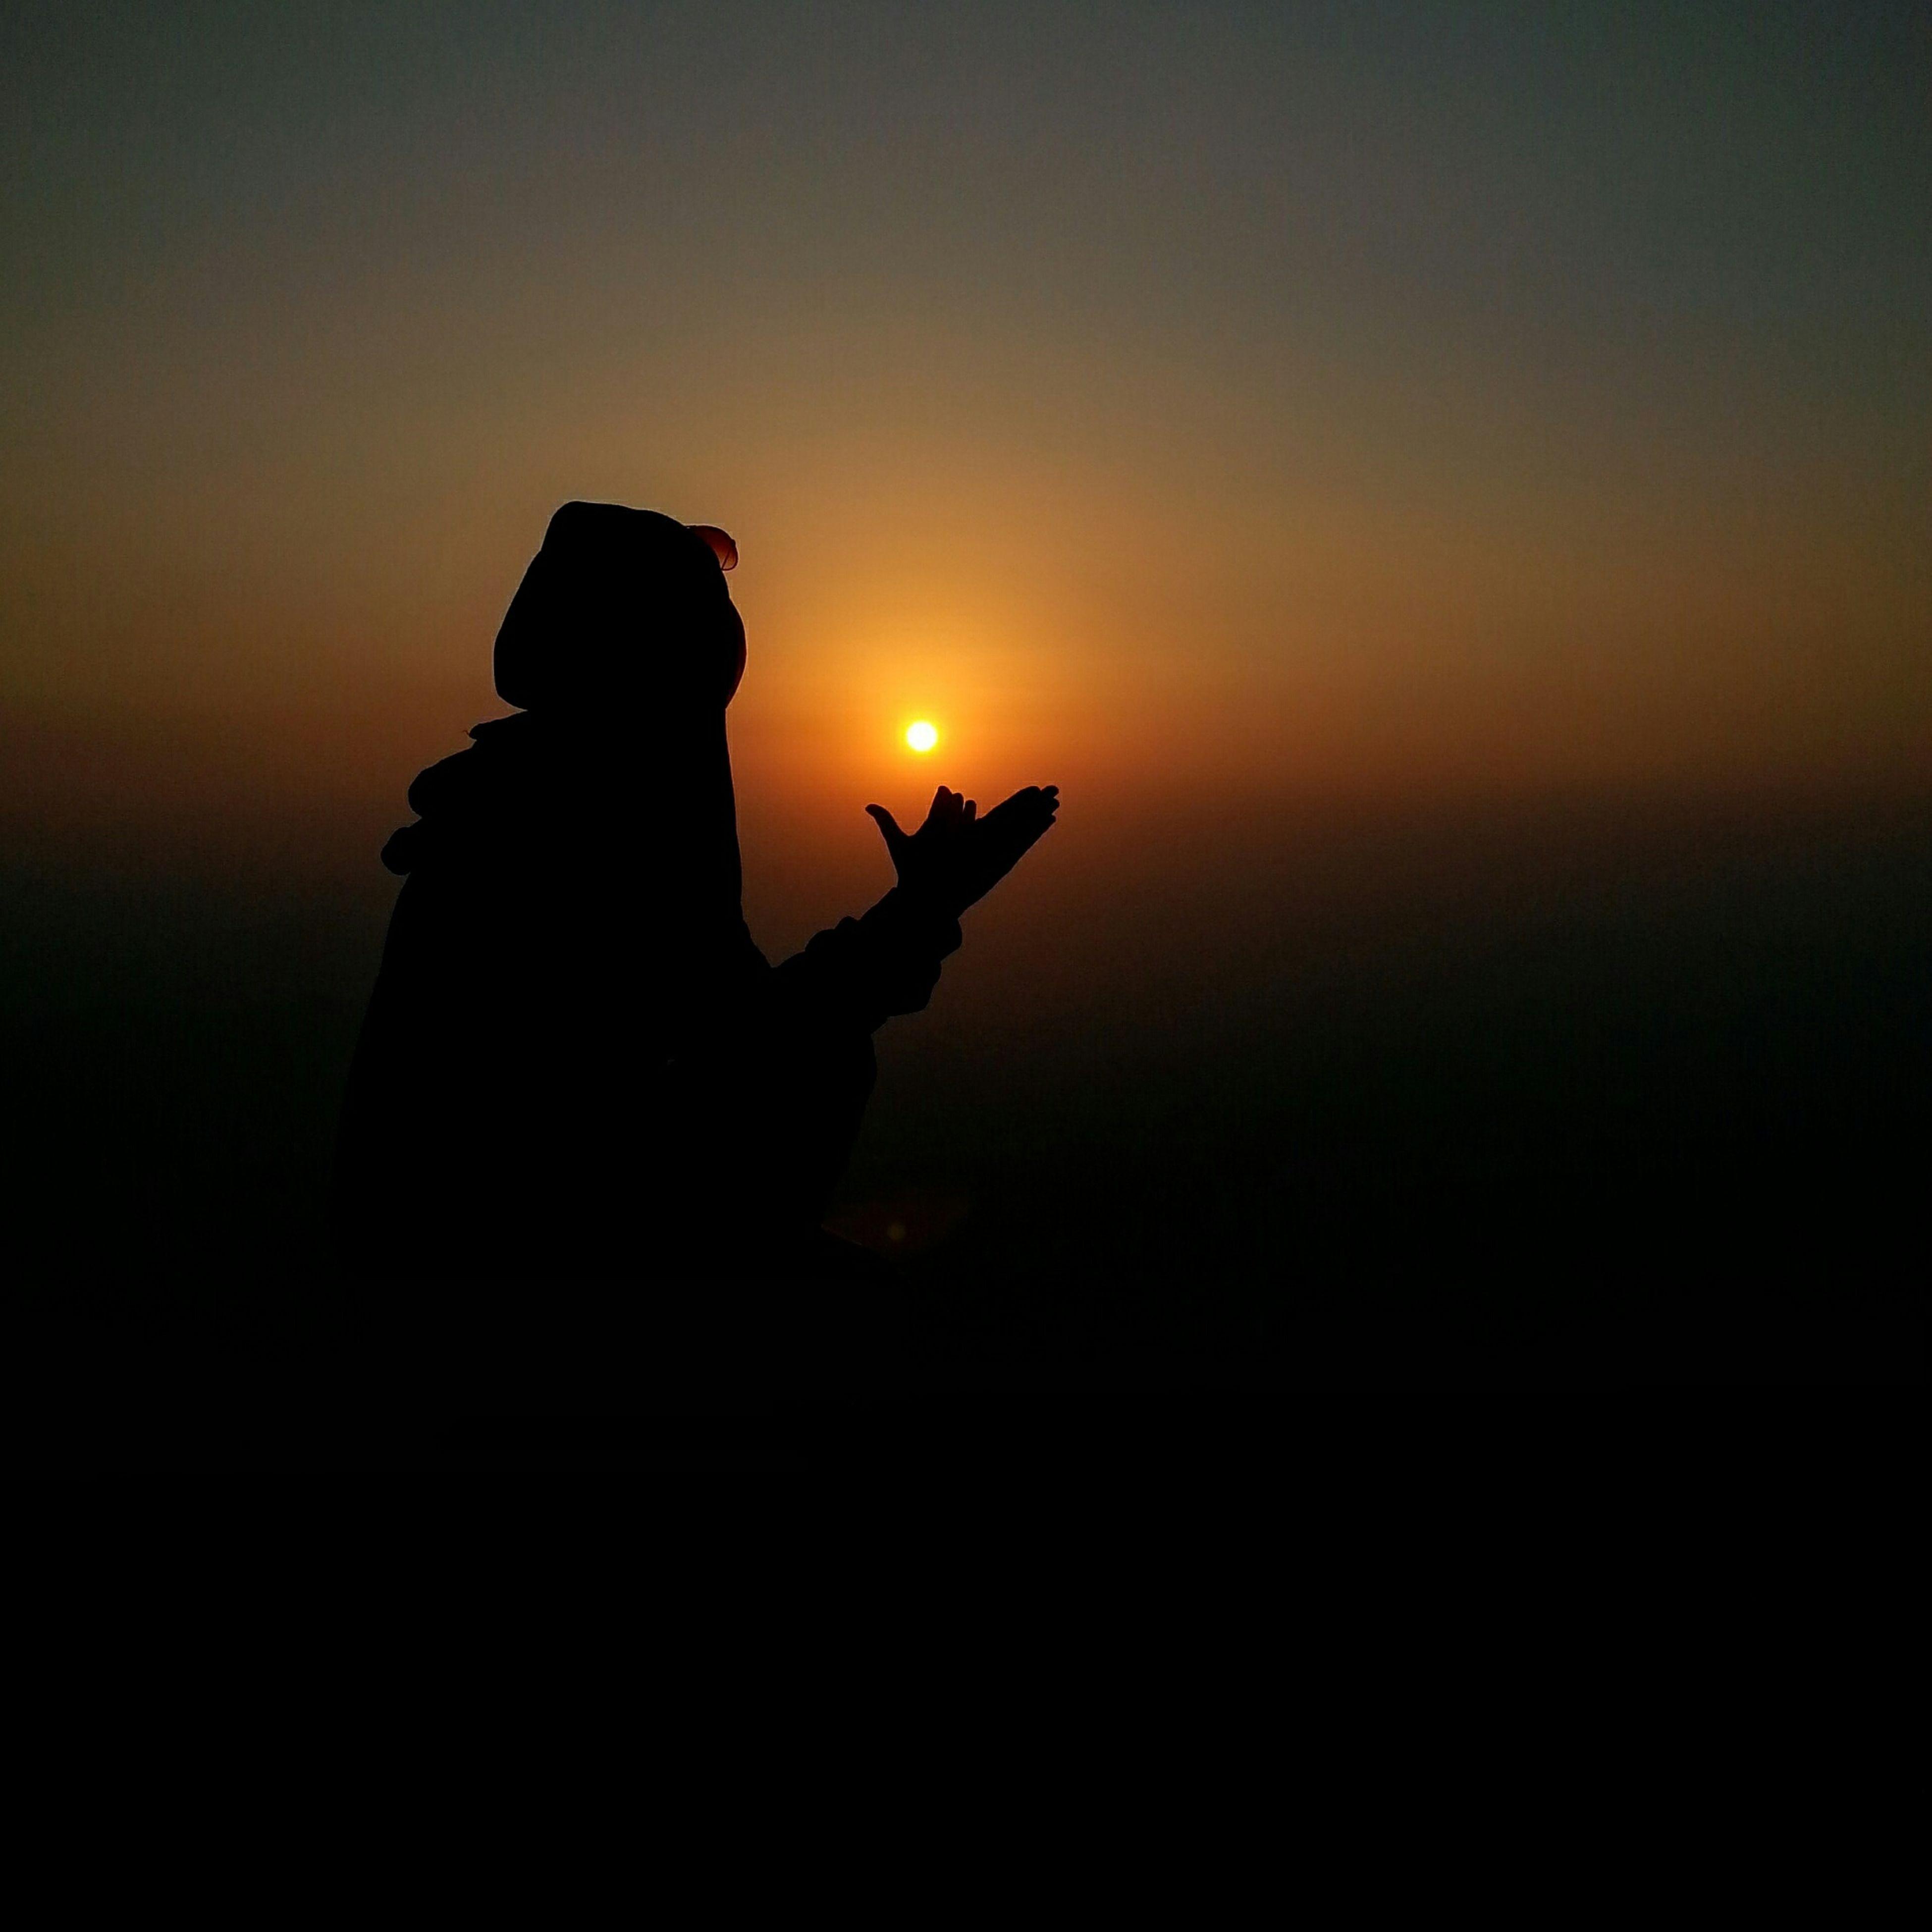 sunset, silhouette, orange color, sky, men, lifestyles, sun, leisure activity, unrecognizable person, holding, copy space, dark, back lit, outdoors, outline, dusk, cloud - sky, person